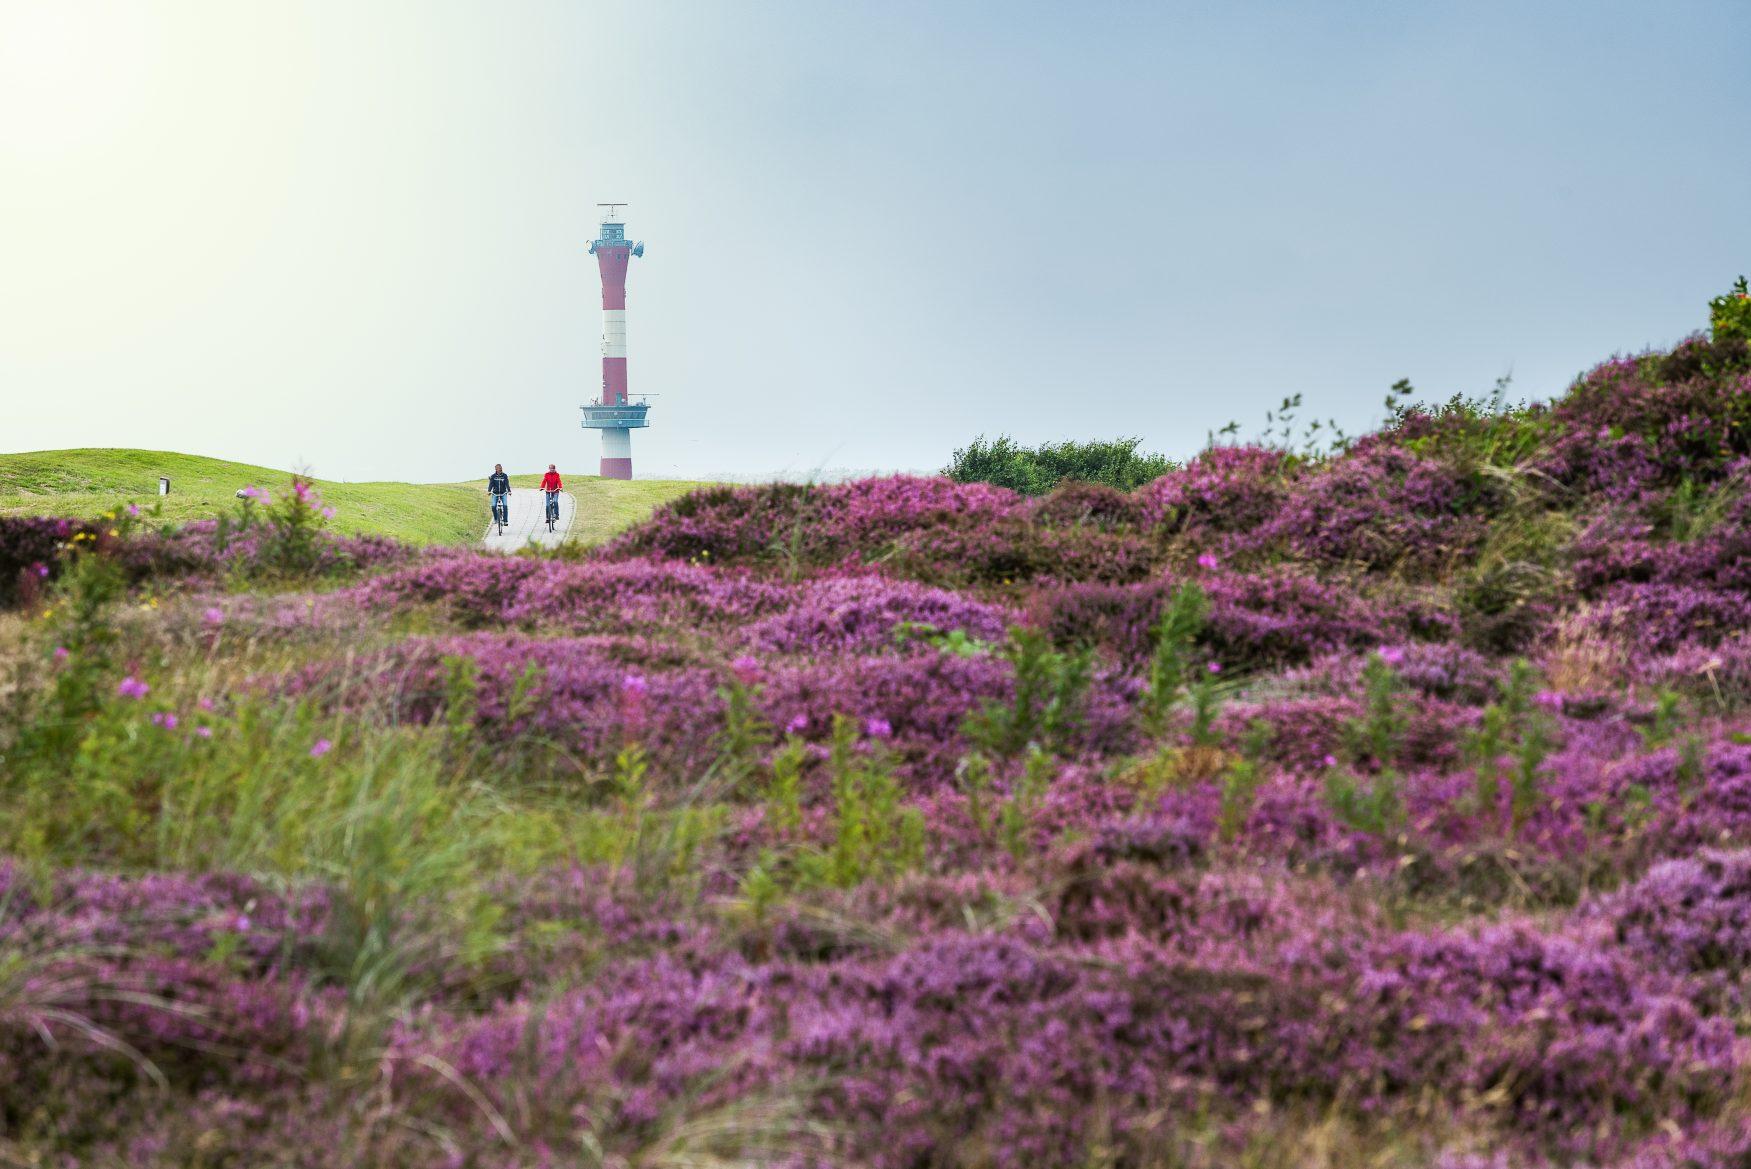 Heidefläche am Leuchtturm von Wangerooge, Sonnenaufgang am Inselstrand von Wangerooge Foto: Kurverwaltung Wangerooge ( Keesvan Surksum)